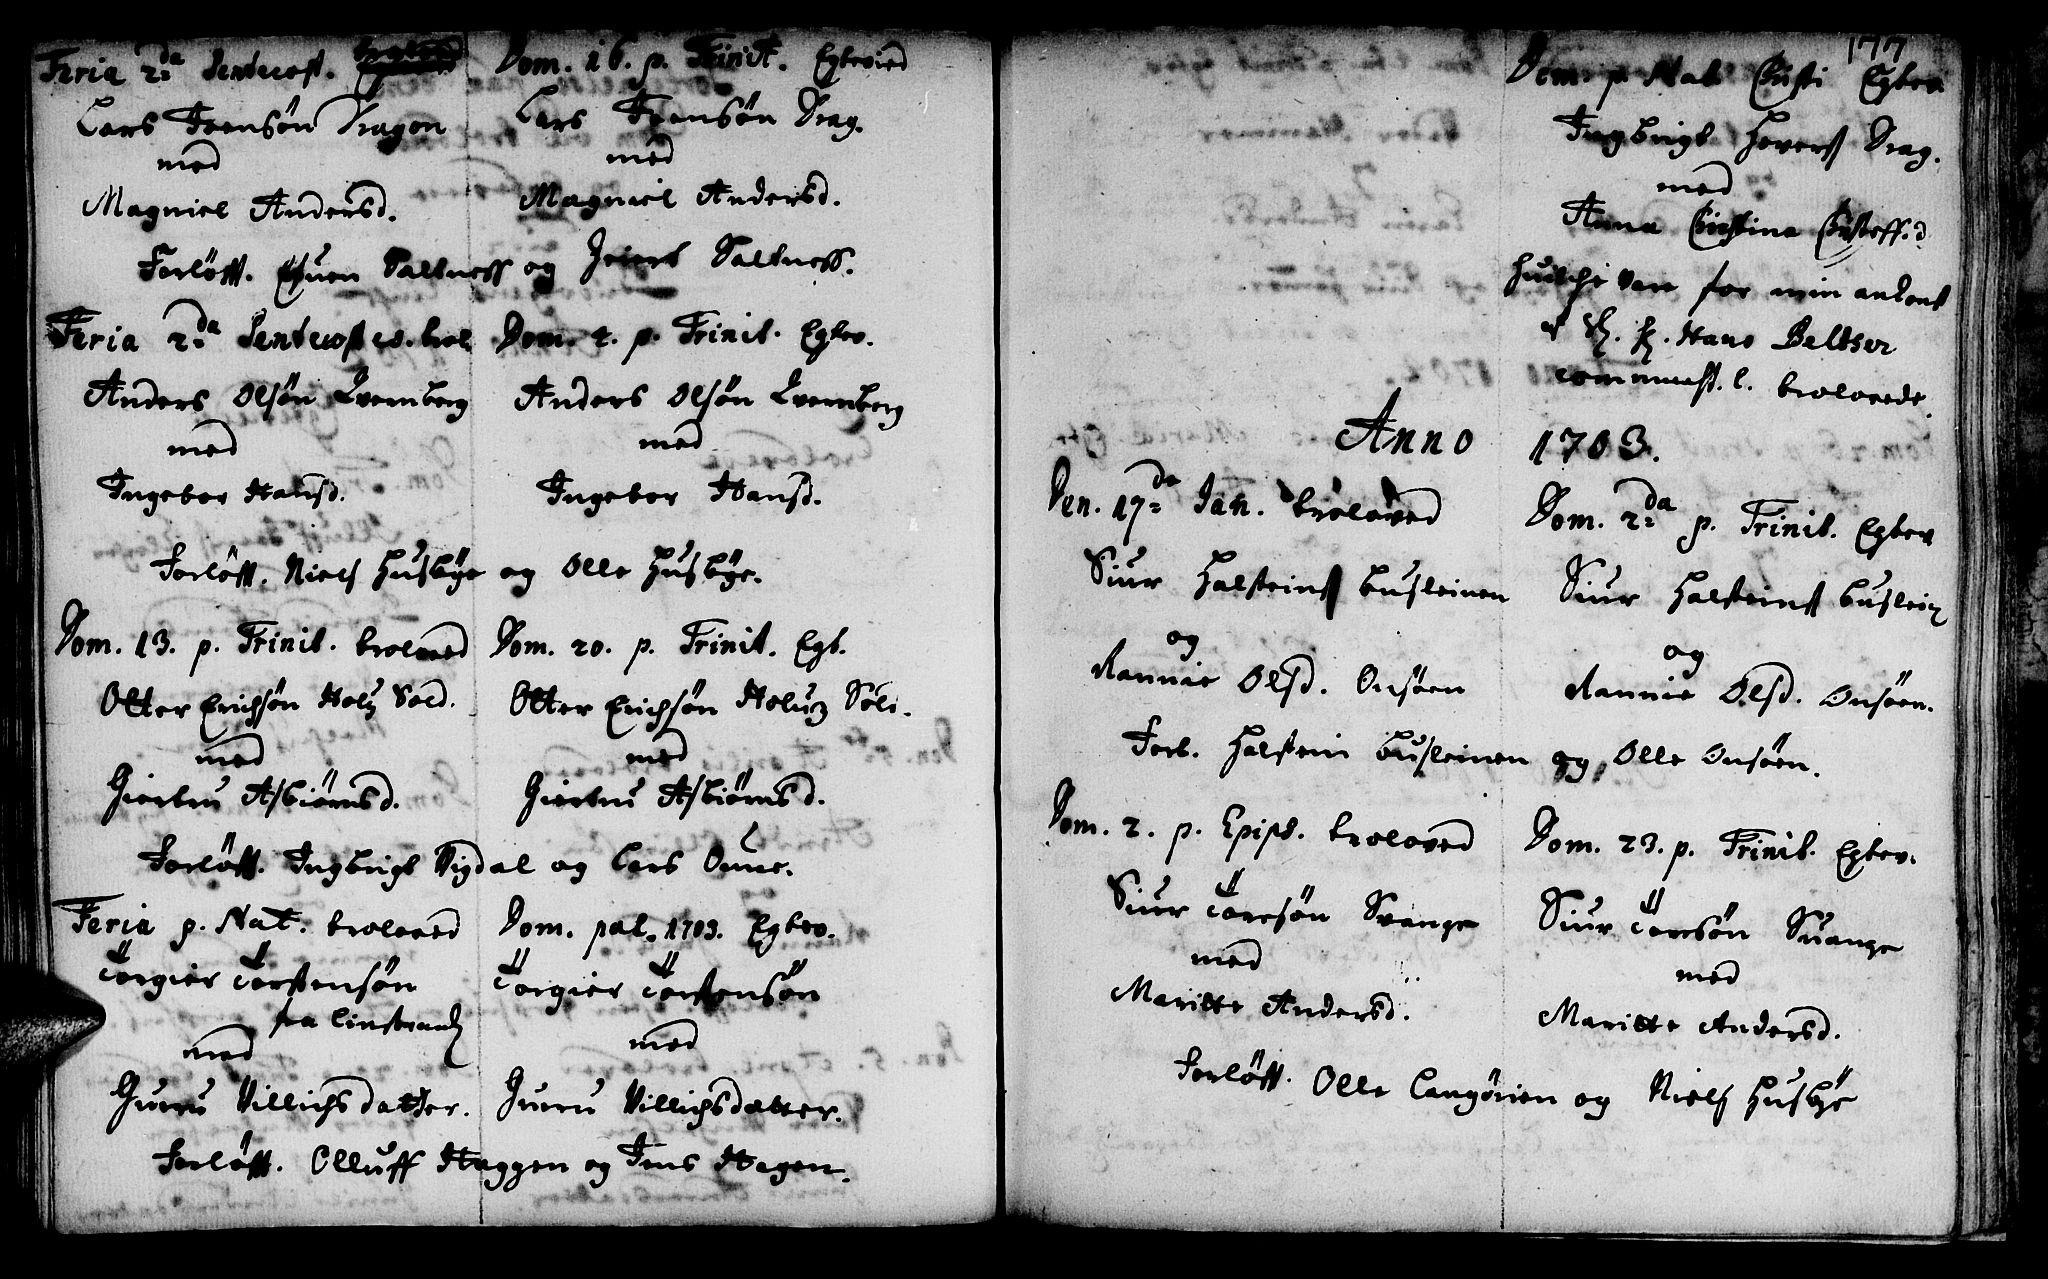 SAT, Ministerialprotokoller, klokkerbøker og fødselsregistre - Sør-Trøndelag, 666/L0783: Ministerialbok nr. 666A01, 1702-1753, s. 177